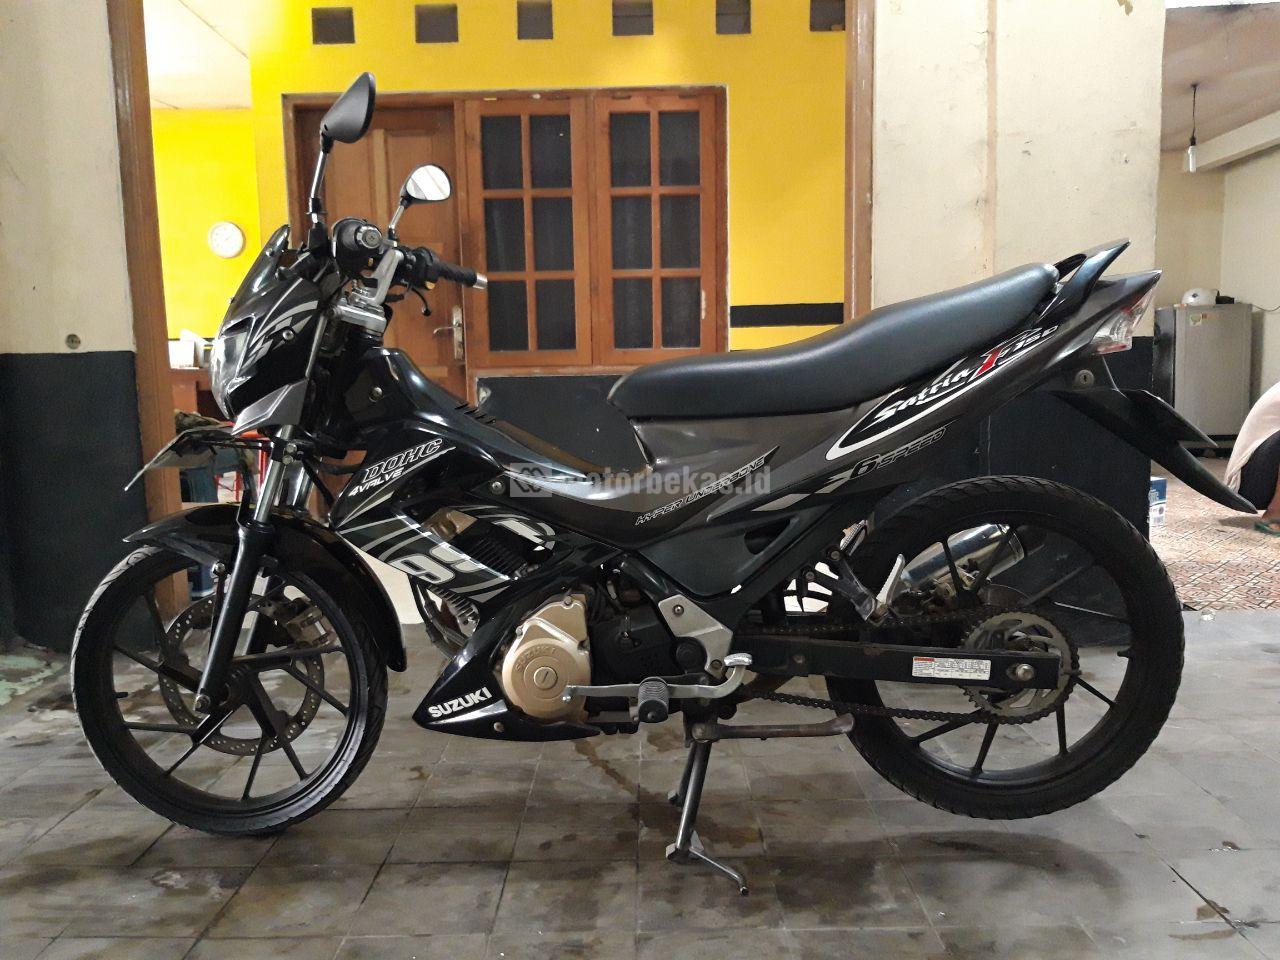 SUZUKI SATRIA 150  2661 motorbekas.id